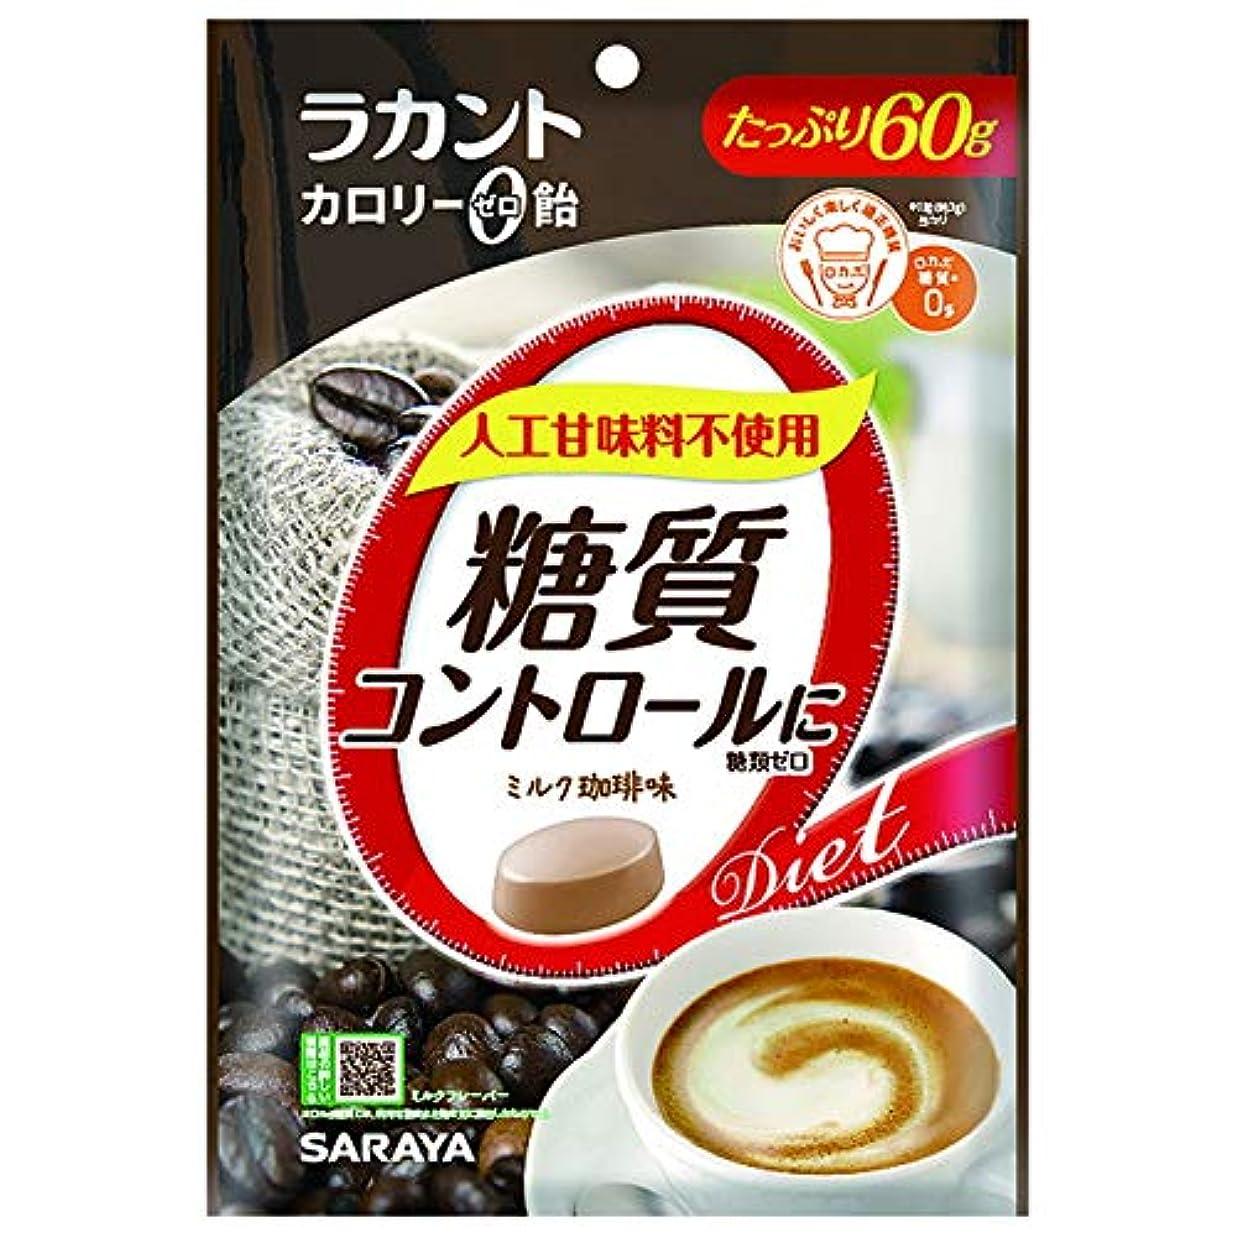 提案信頼できる枠ラカント カロリーゼロ飴 ミルク珈琲 60g【3個セット】